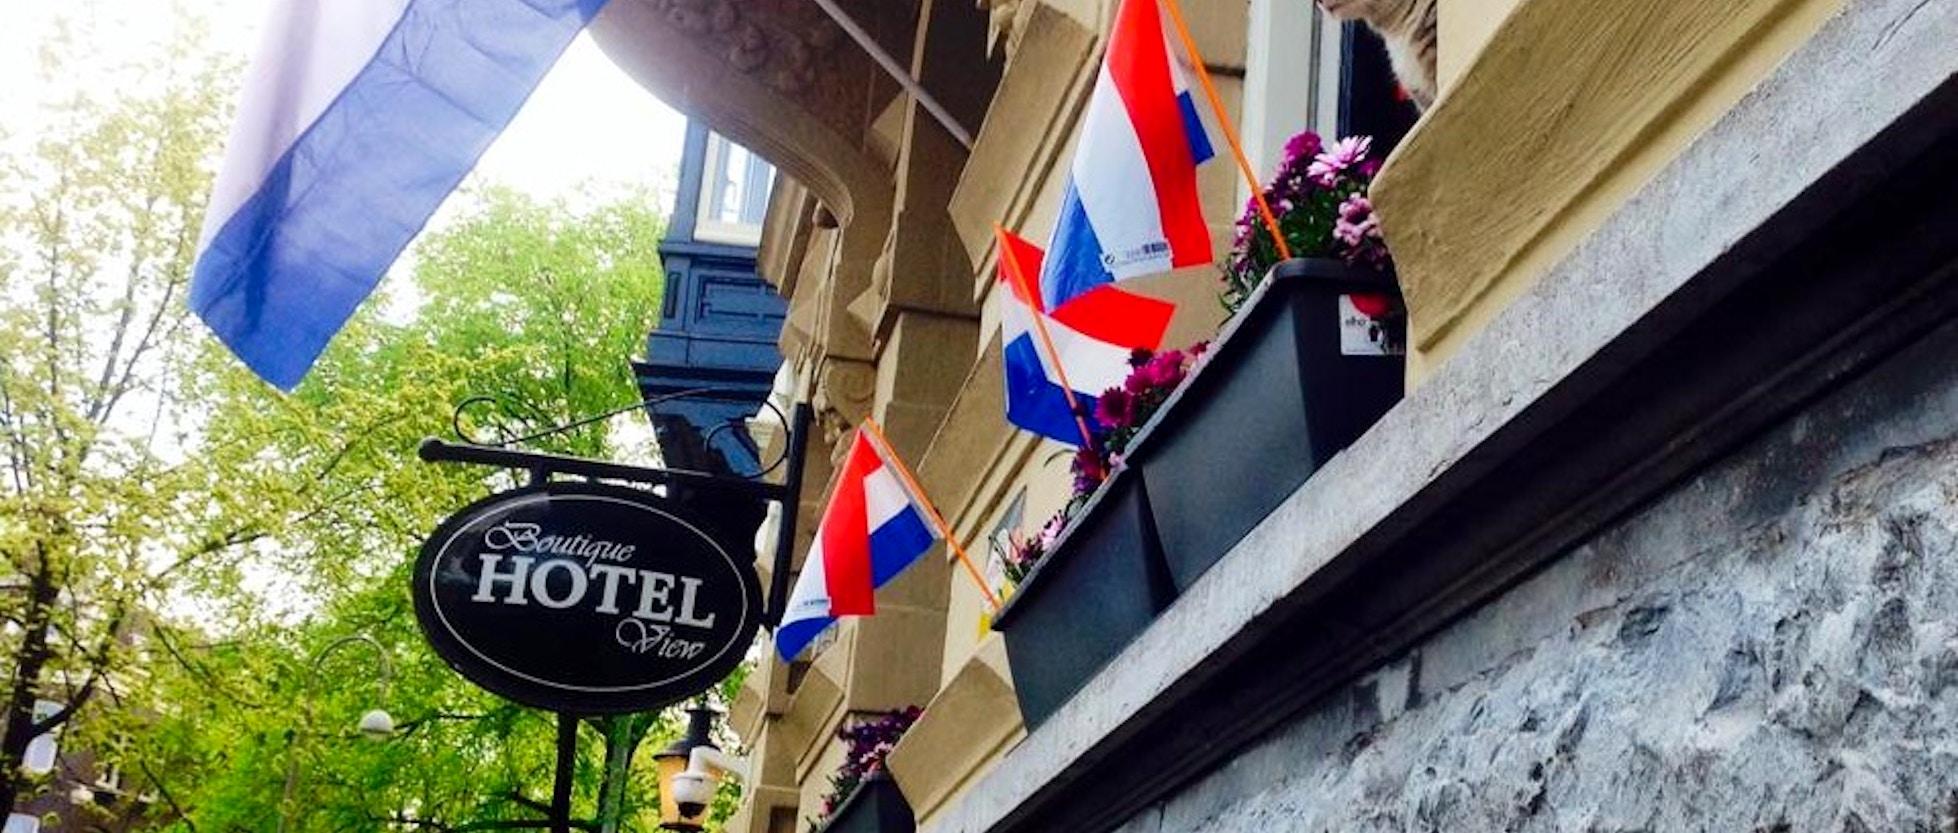 10 hotel low cost al centro di amsterdam vivi amsterdam for Amsterdam low cost hotel